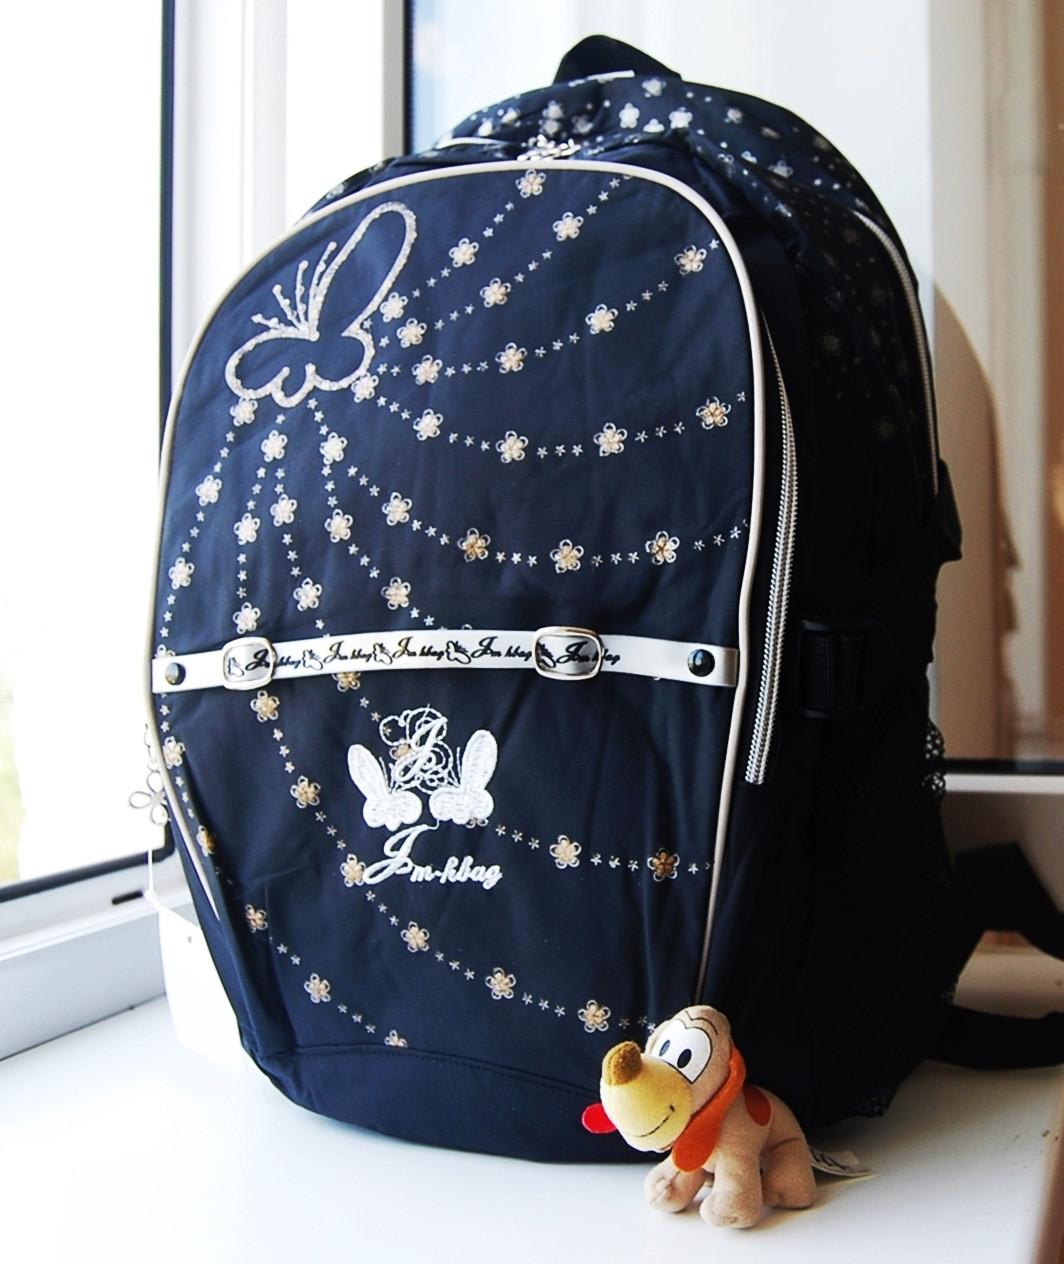 Рюкзак для девочек. Городской рюкзак. Стильный рюкзак. Модный рюкзак. Рюкзаки.